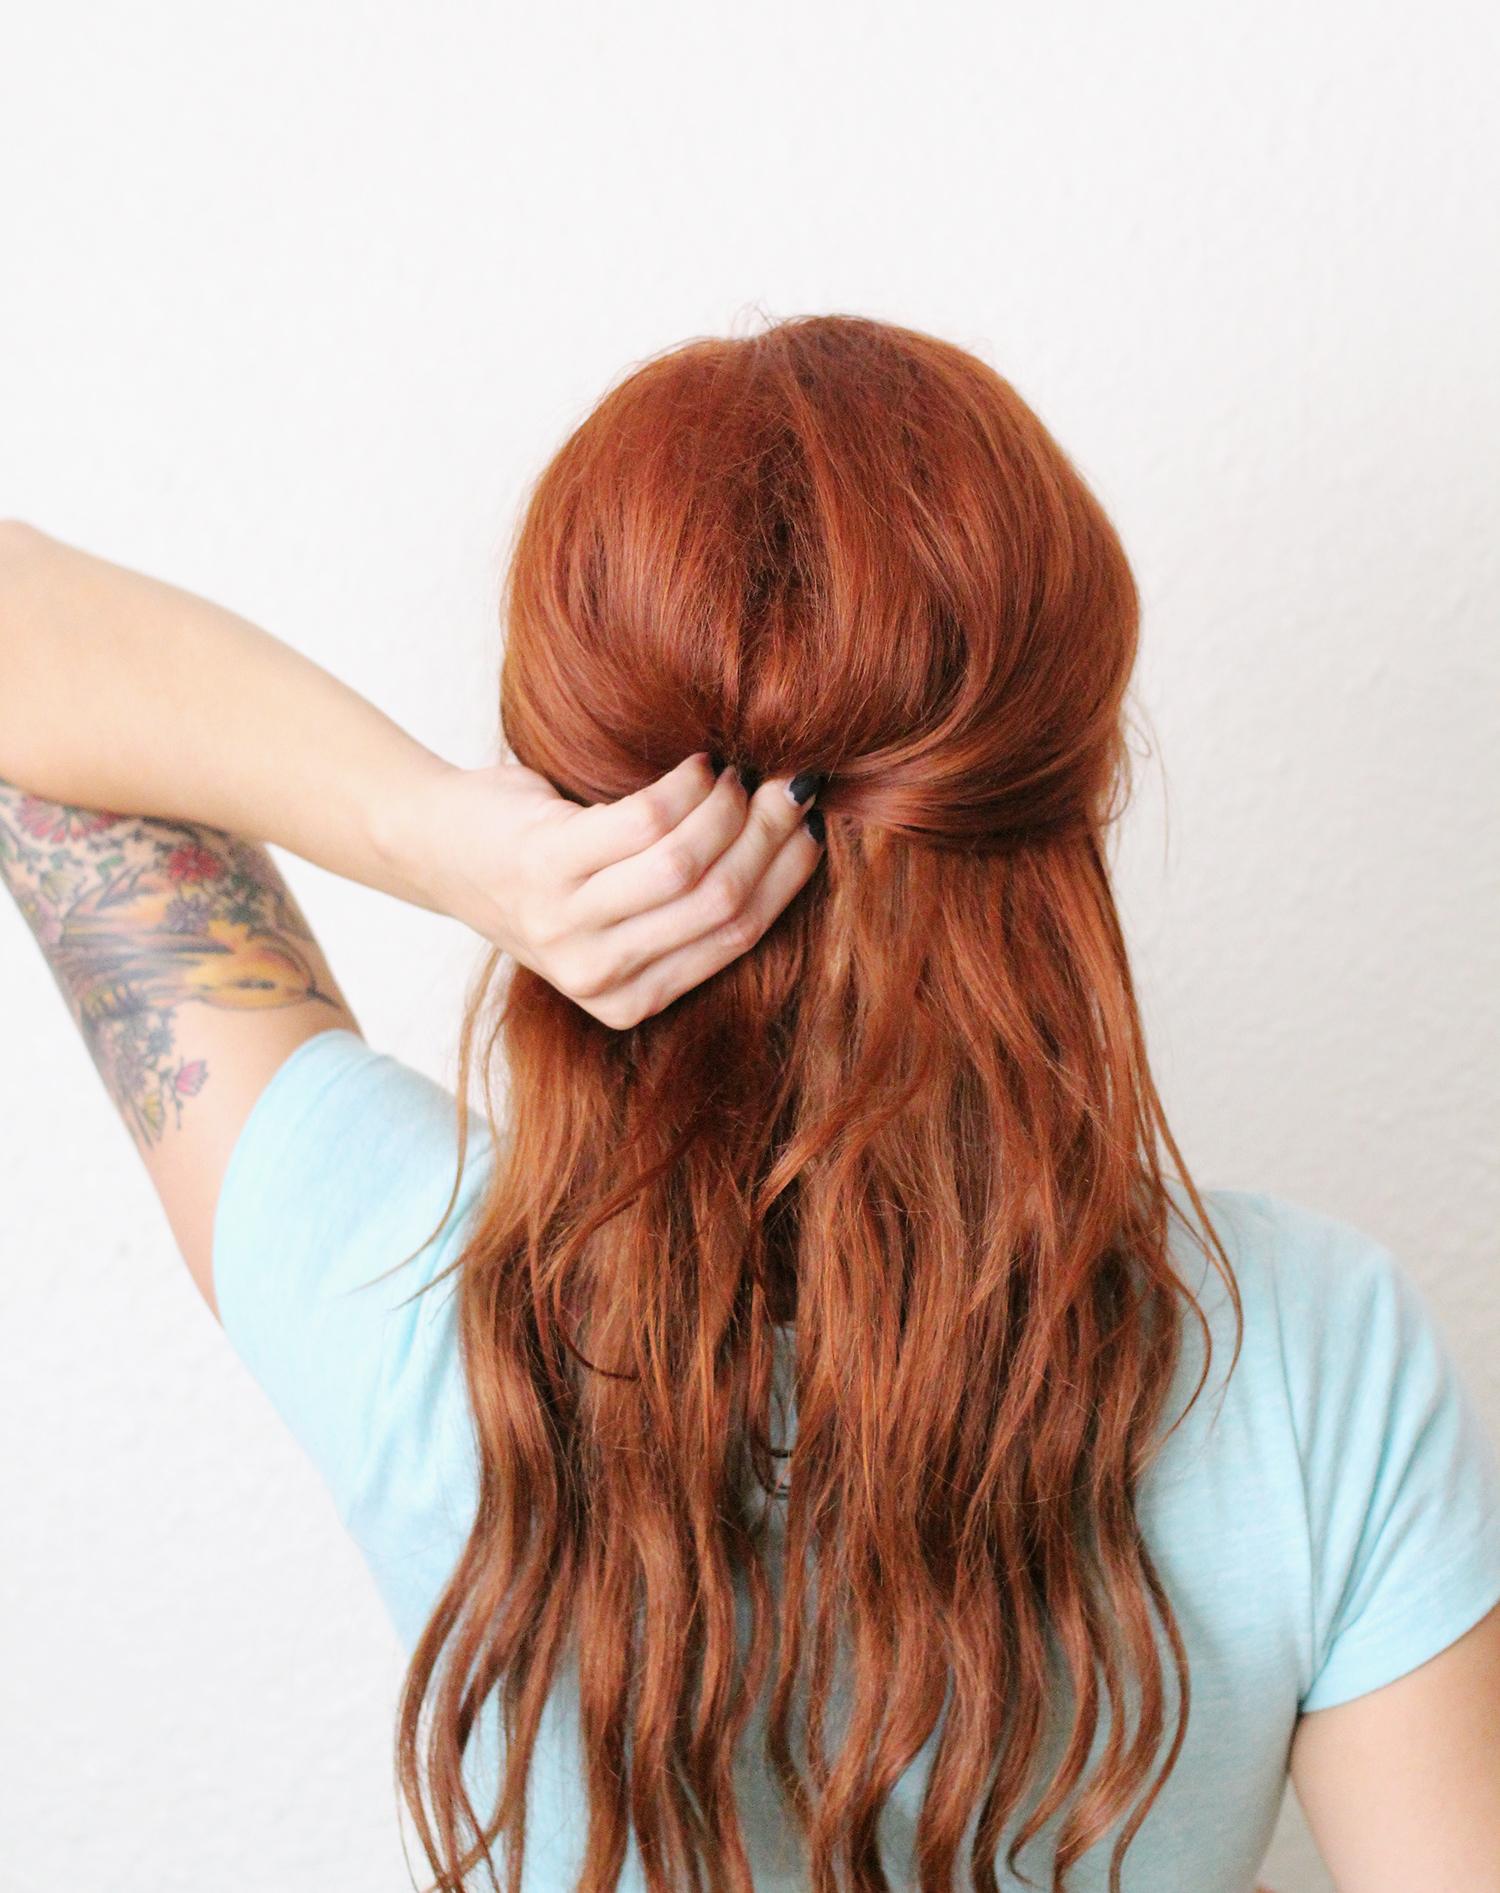 Pin half of the hair